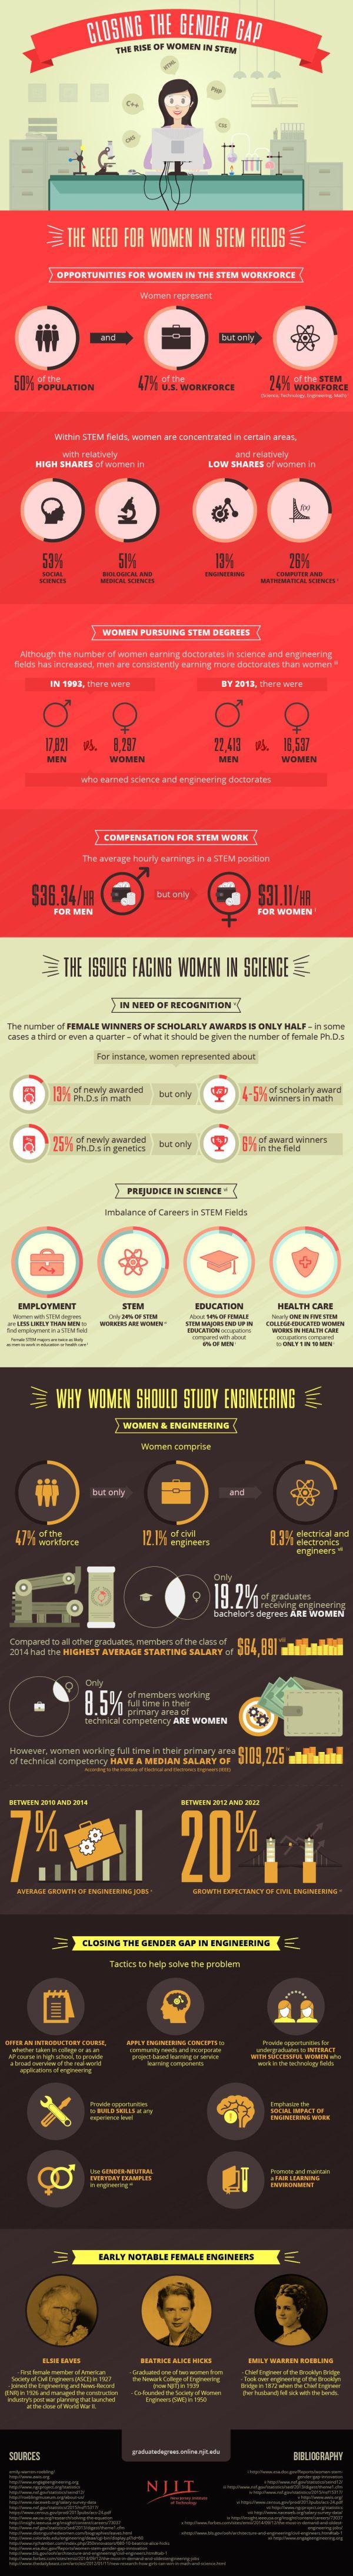 Gender Gap Stem Infographic